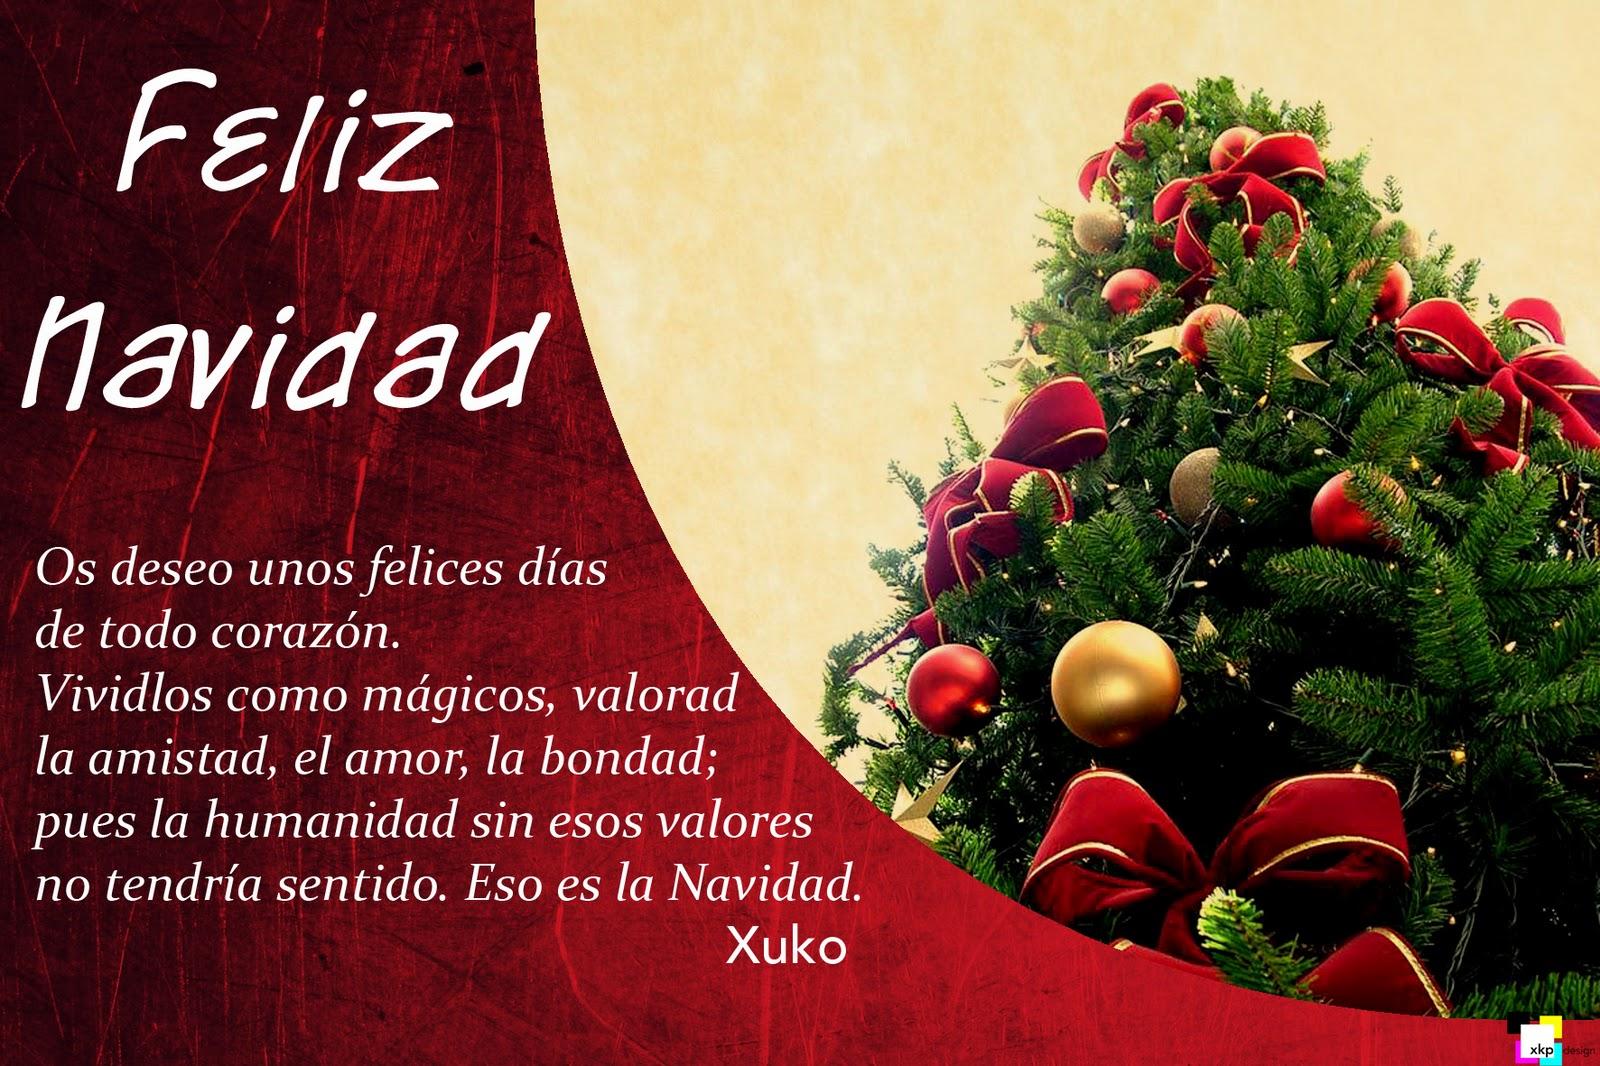 Imagenes para tarjetas de navidad - Postales navidenas originales ...